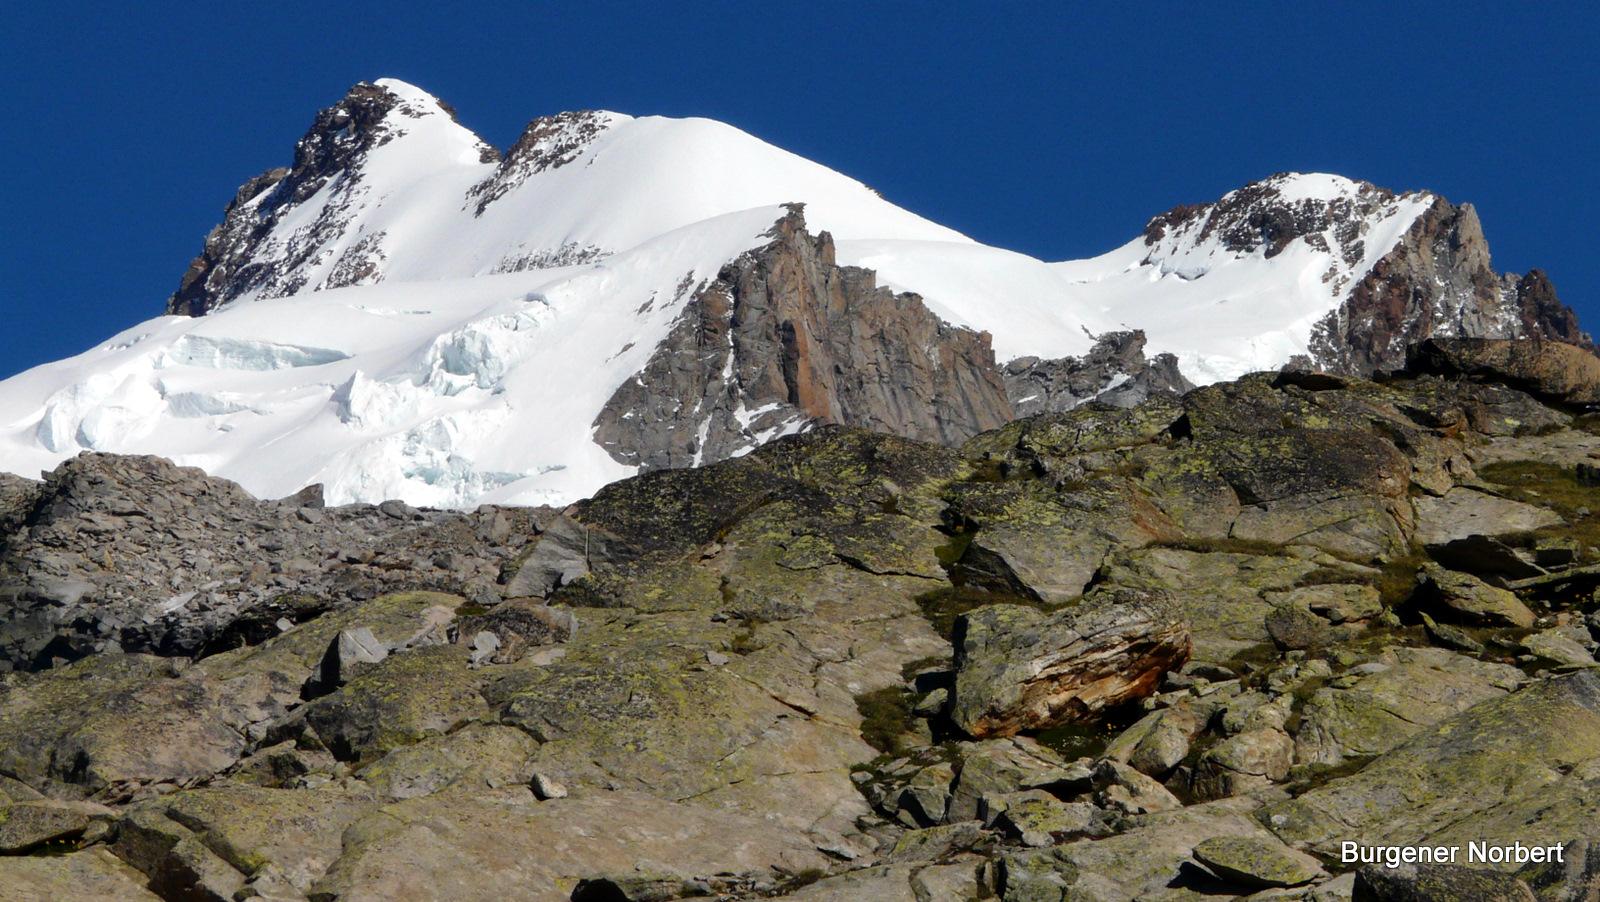 Unser Ziel------------ die Dufourspitze.